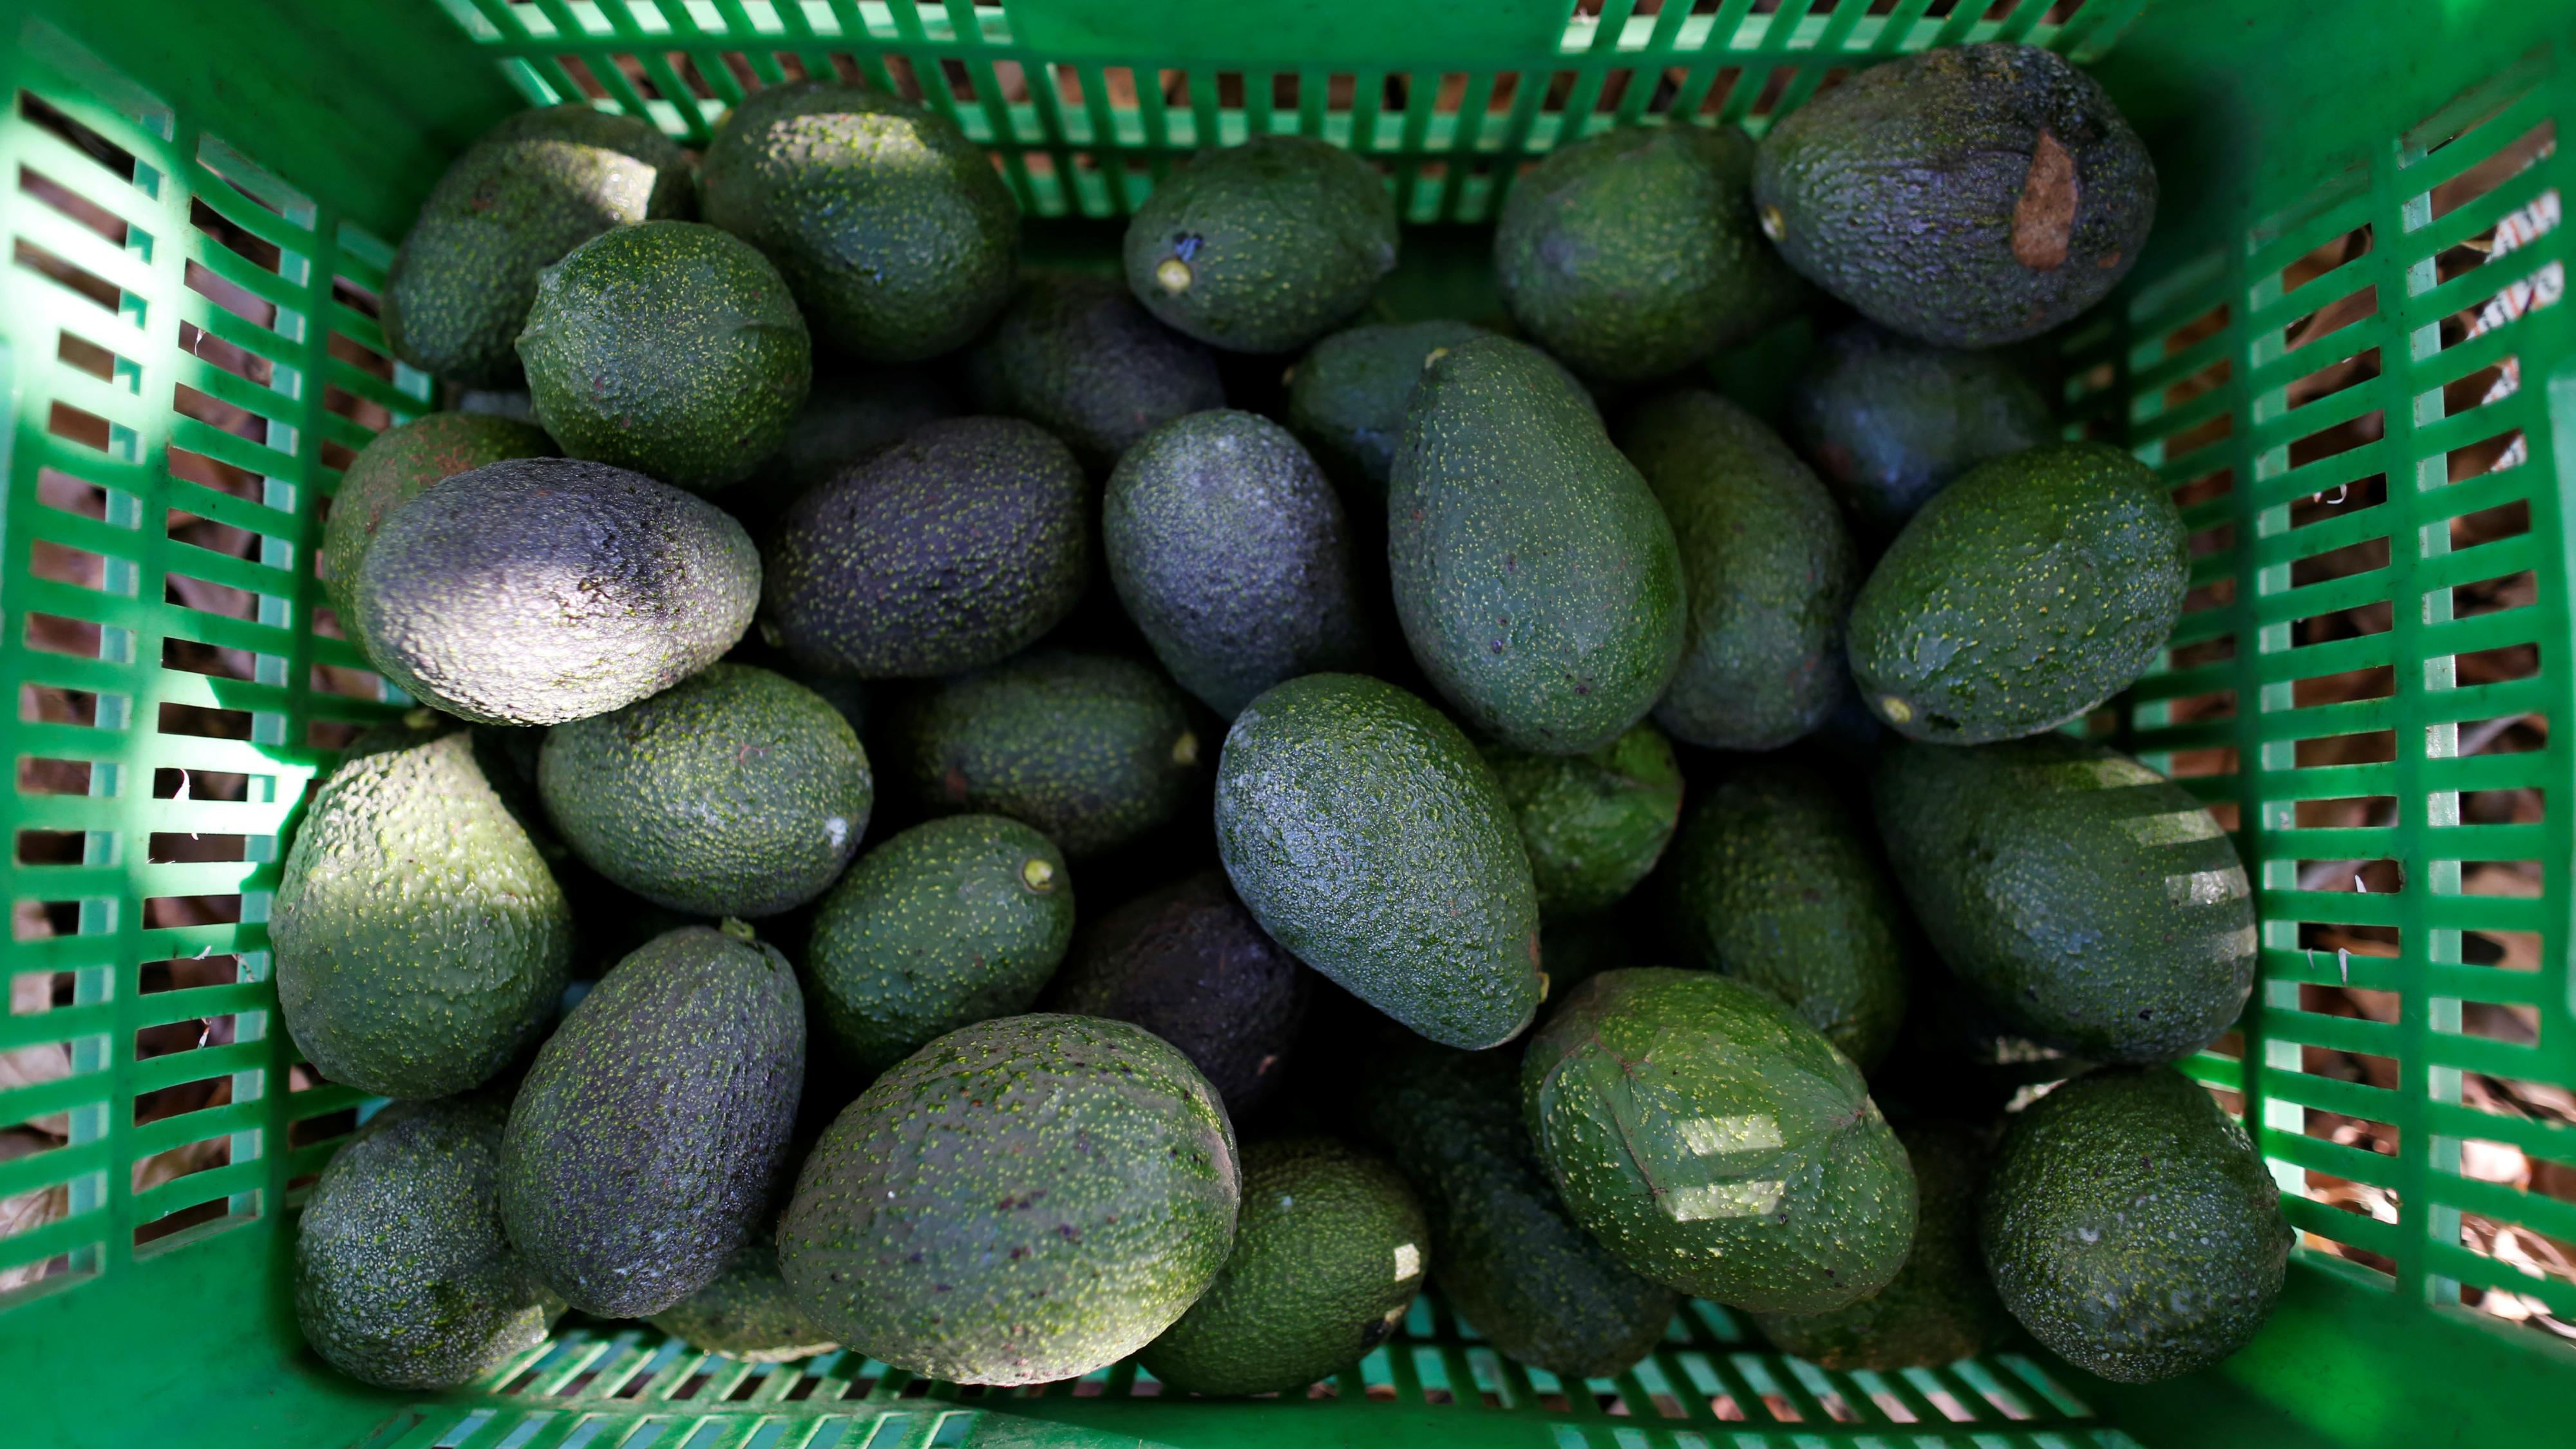 A basket of avocados.